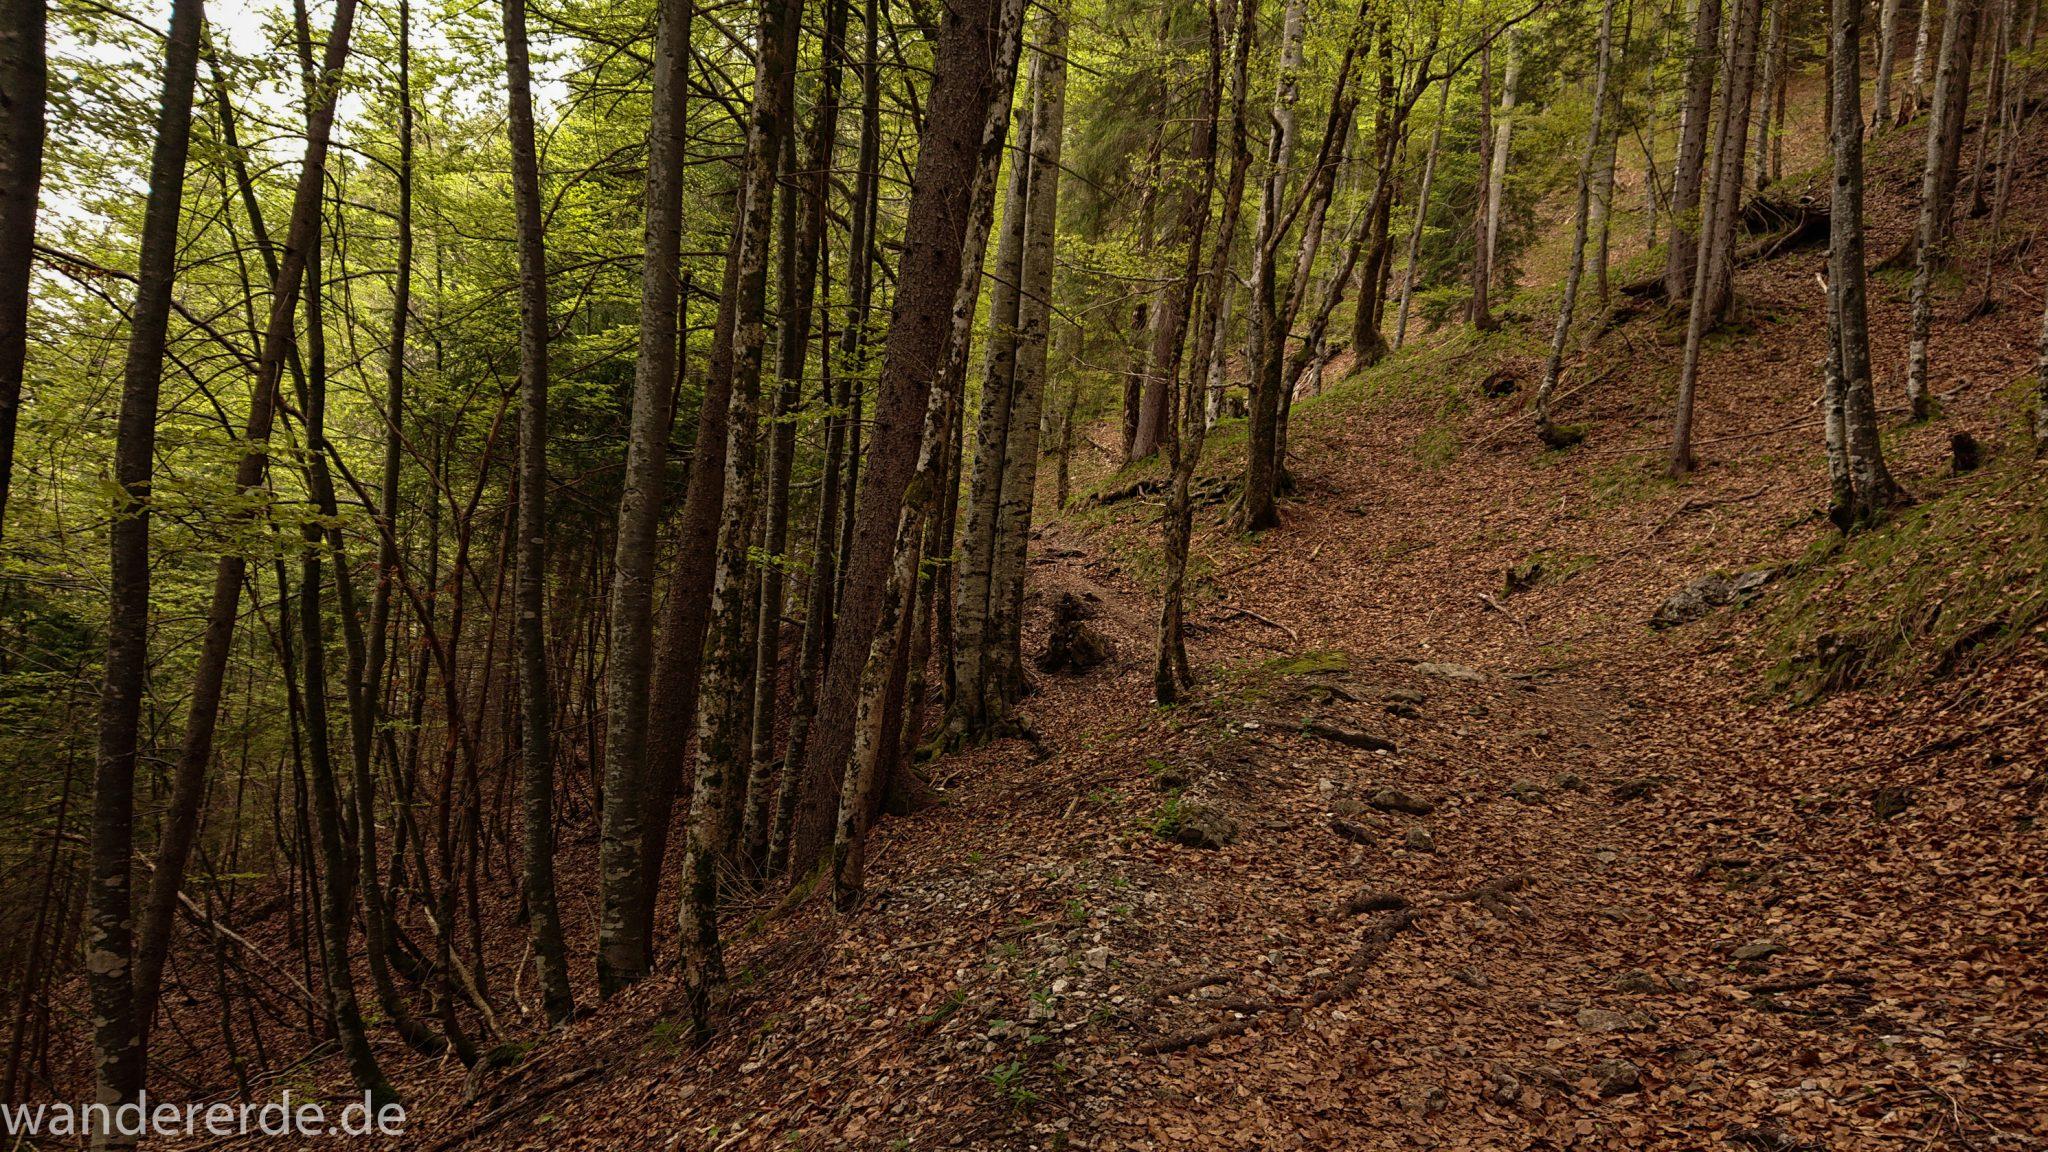 Wanderung Oberstdorf nach Gerstruben im Allgäu, Bayern, Wanderweg Rautweg führt durch schönen dichten Wald, ziemlich steiler Weg, feste Schuhe empfehlenswert, kaum noch Menschen begegnen uns, grüner Wald